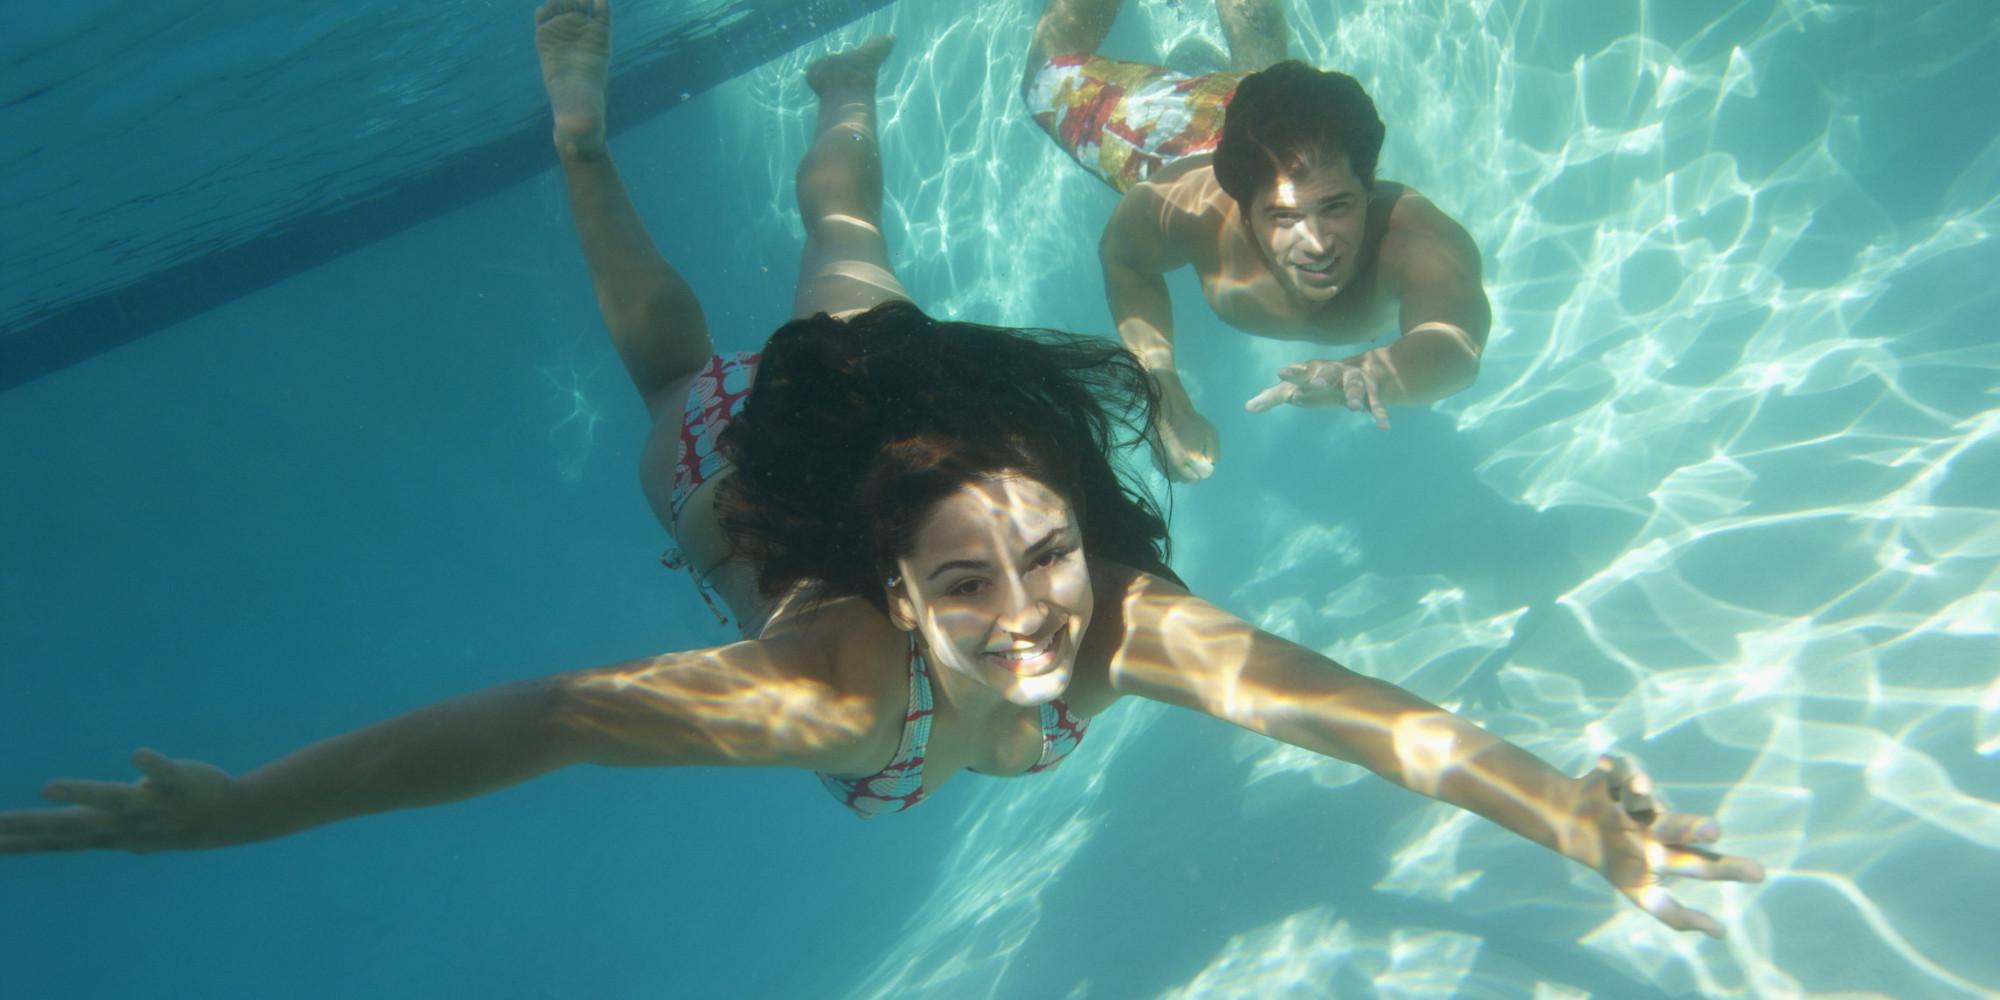 Es liegt nicht am Chlor, dass Ihre Augen im Schwimmbad rot